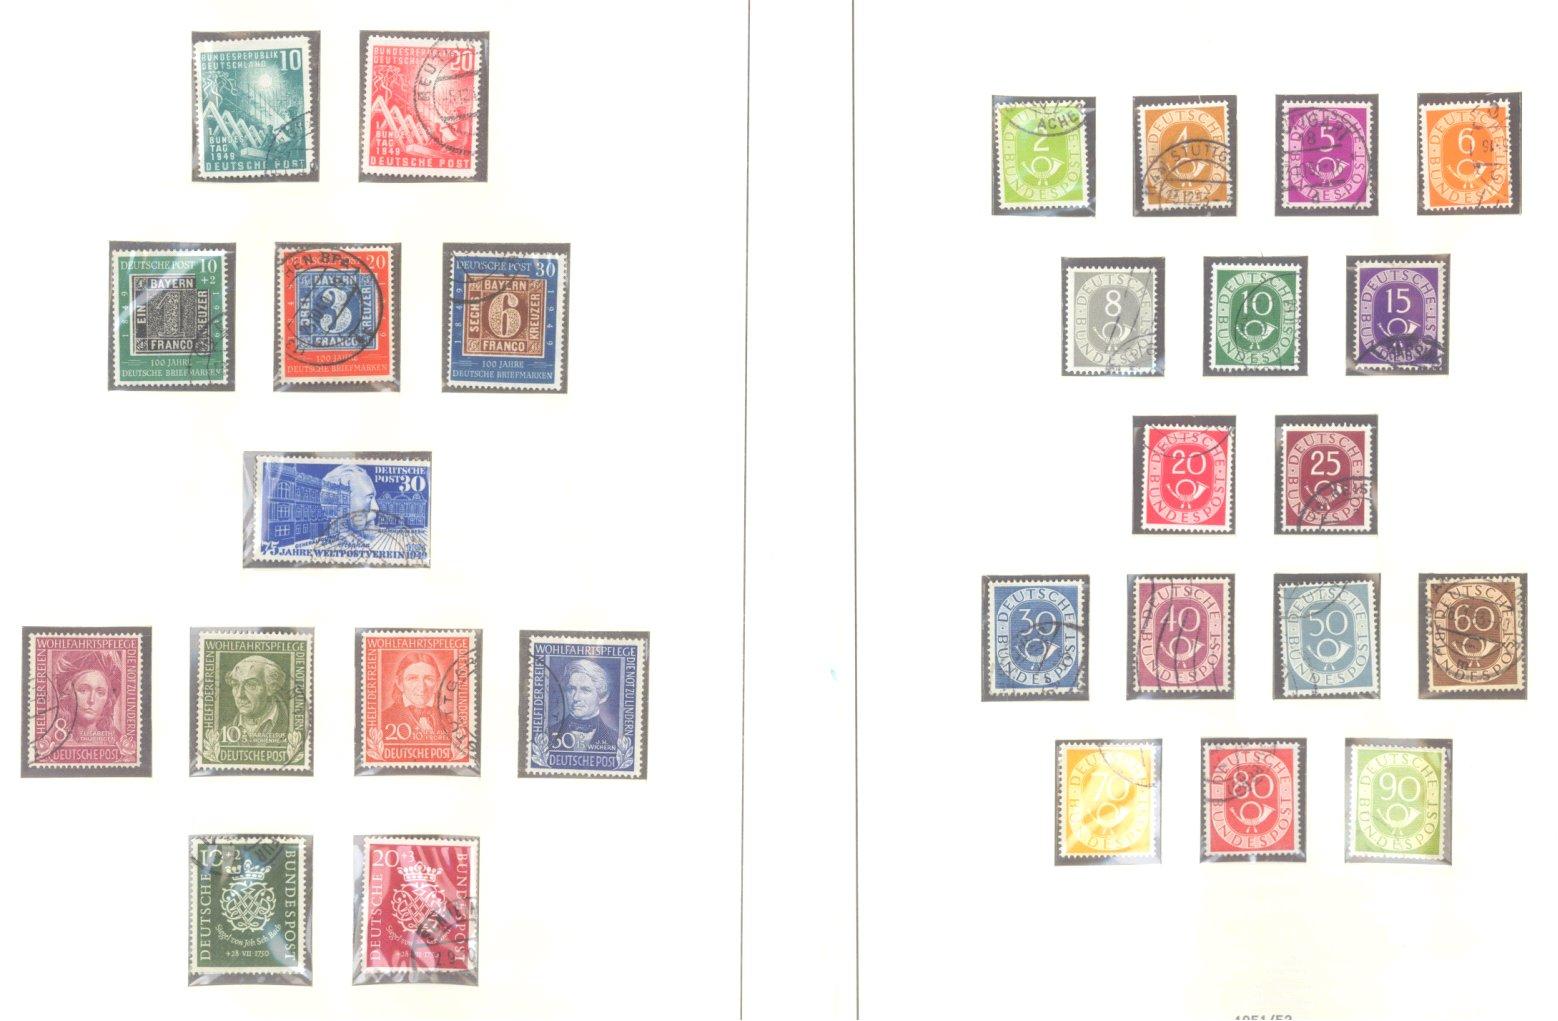 BUND 1949-1980